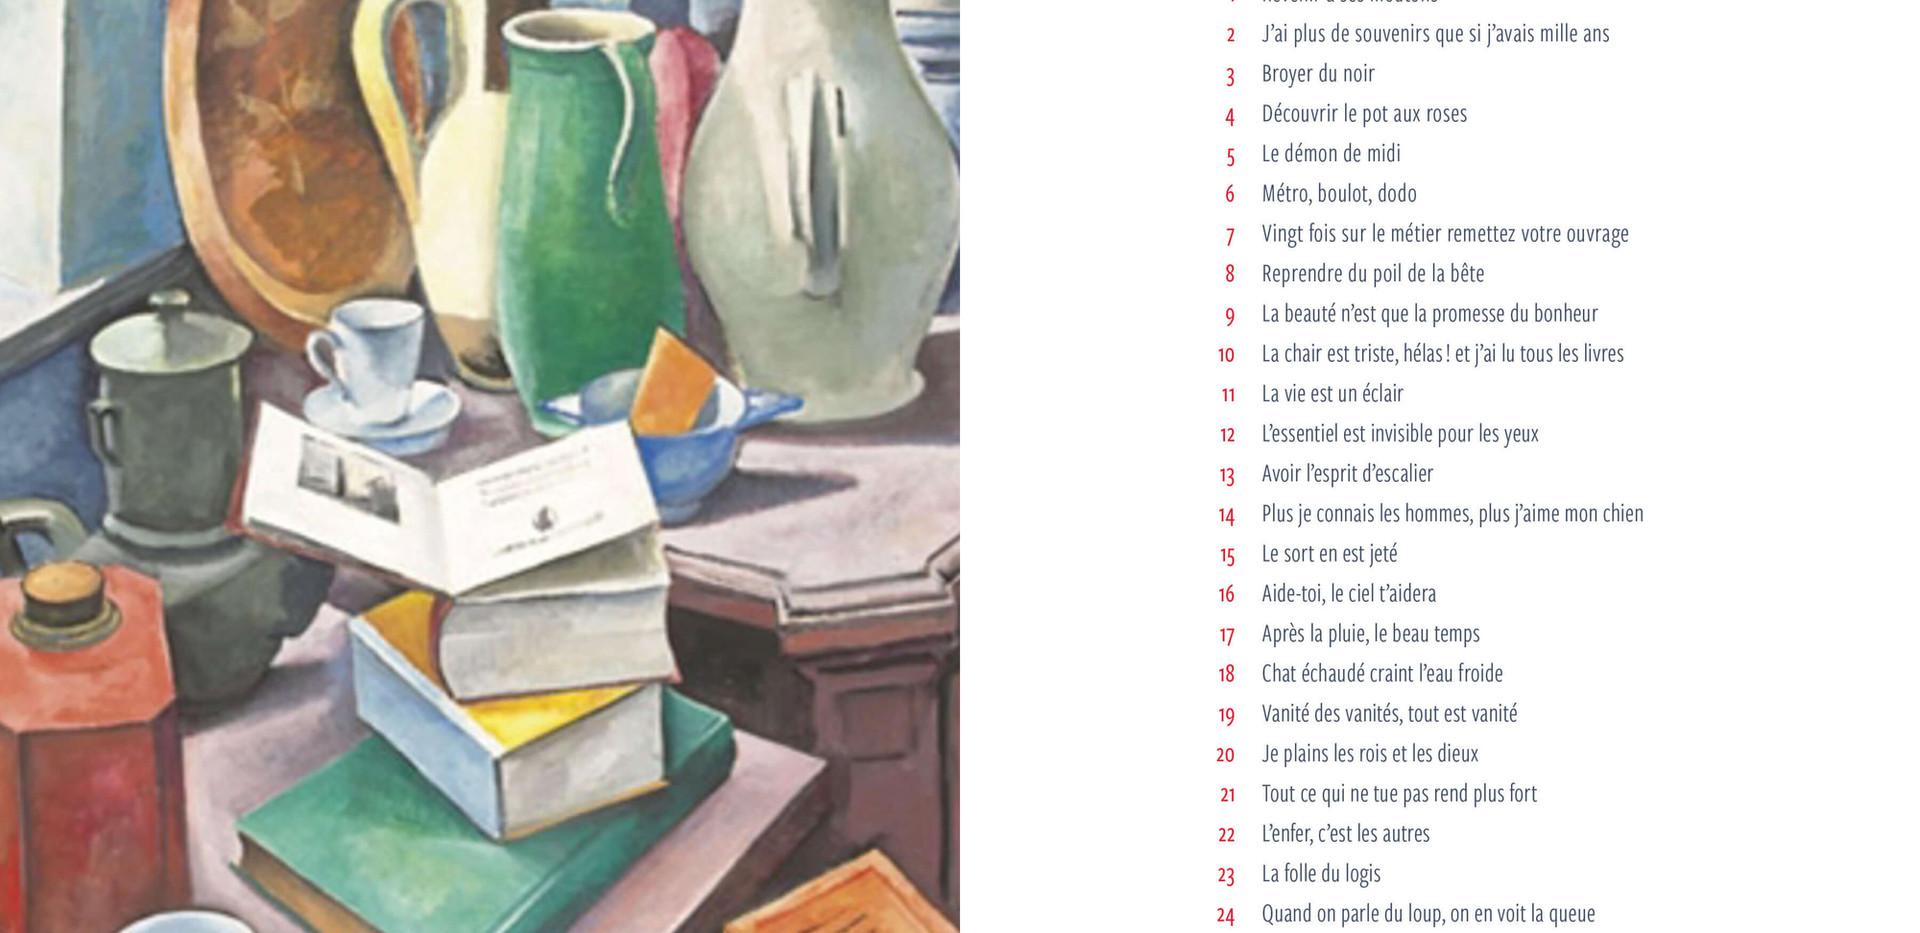 27 expressions de la langue française revisitées